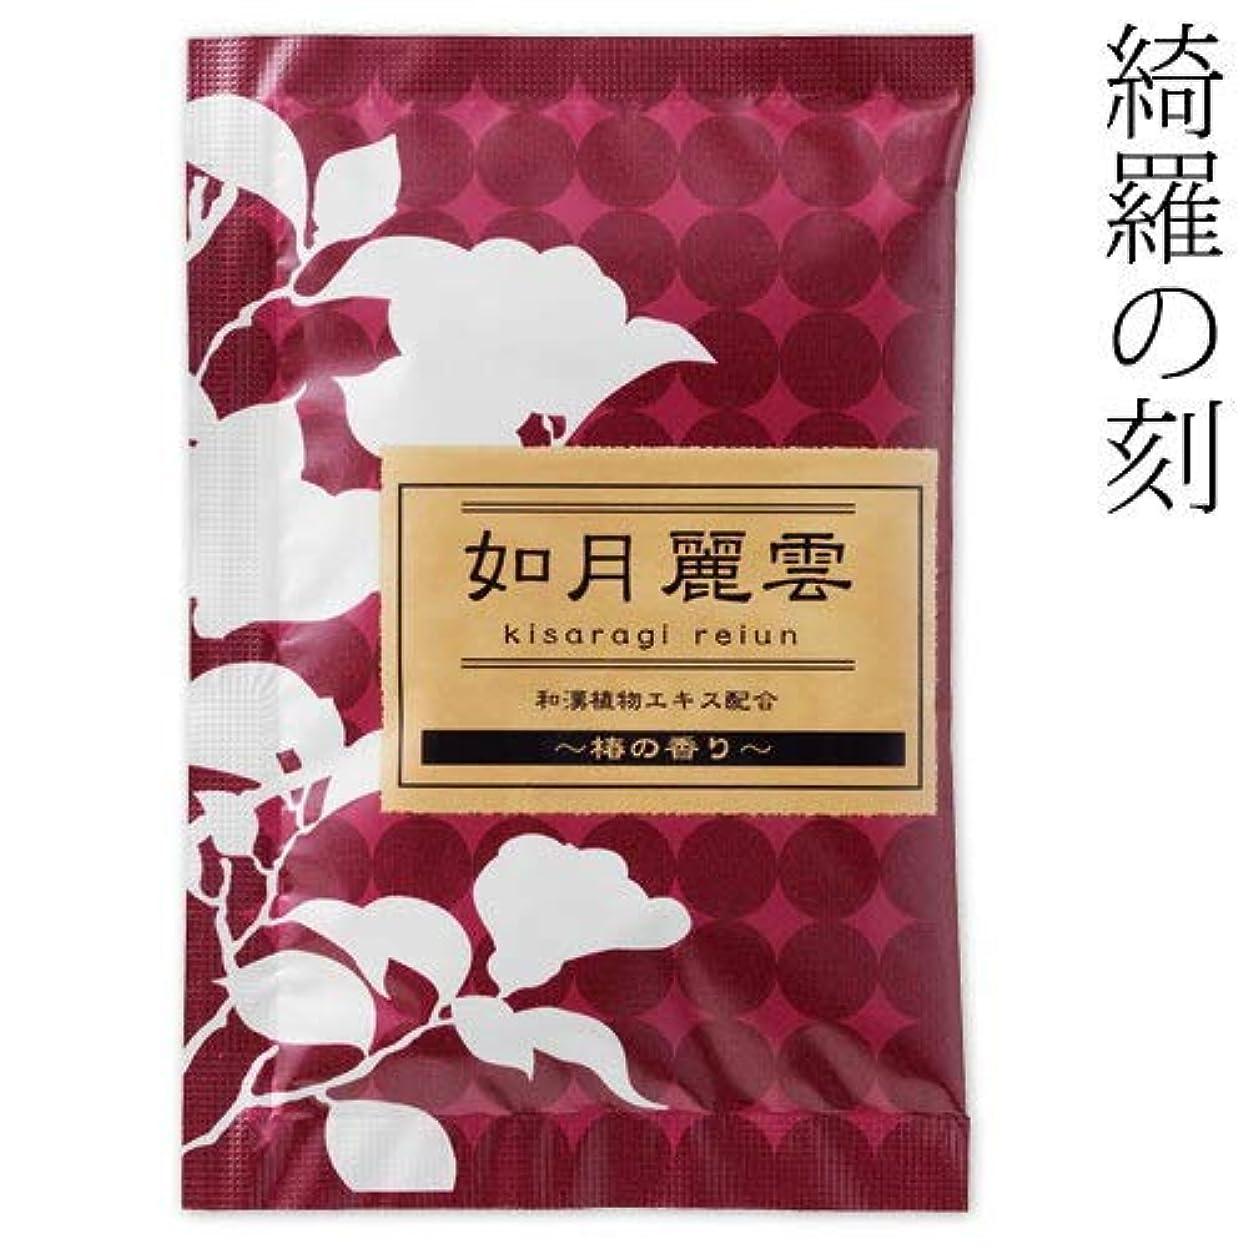 送料対話シマウマ入浴剤綺羅の刻椿の香り如月麗雲1包石川県のお風呂グッズBath additive, Ishikawa craft